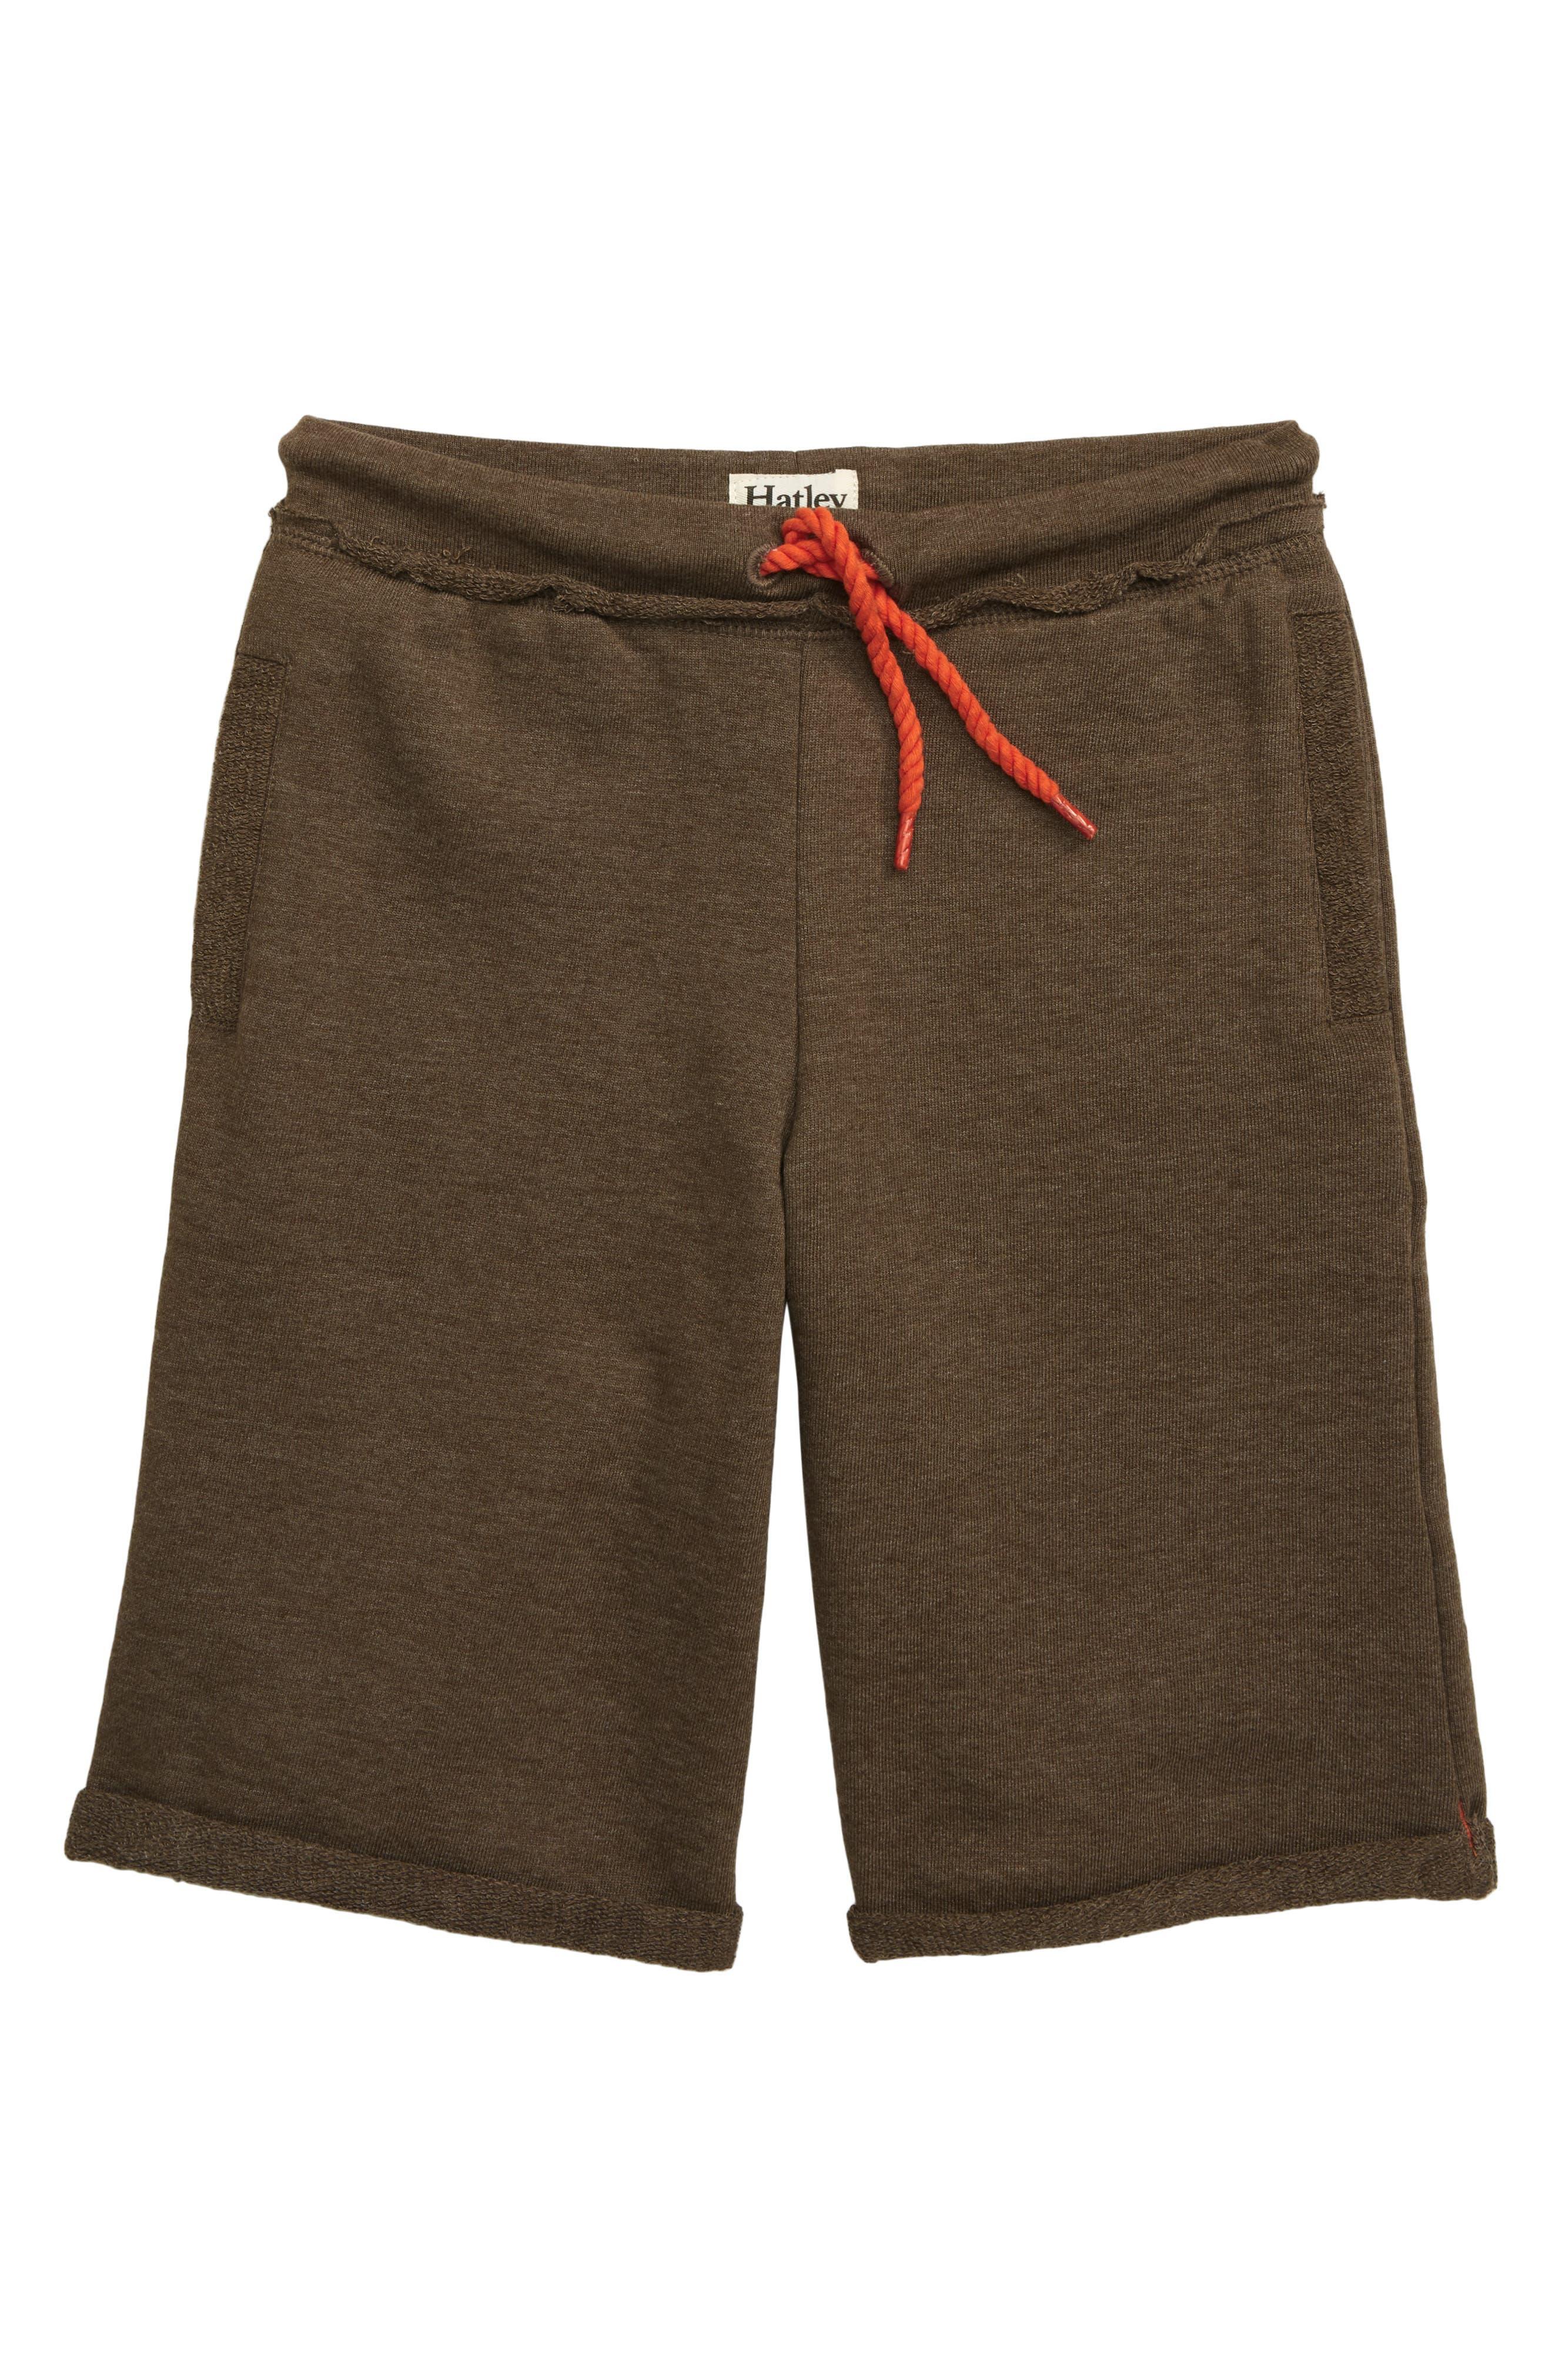 HATLEY Bermuda Knit Shorts, Main, color, BROWN